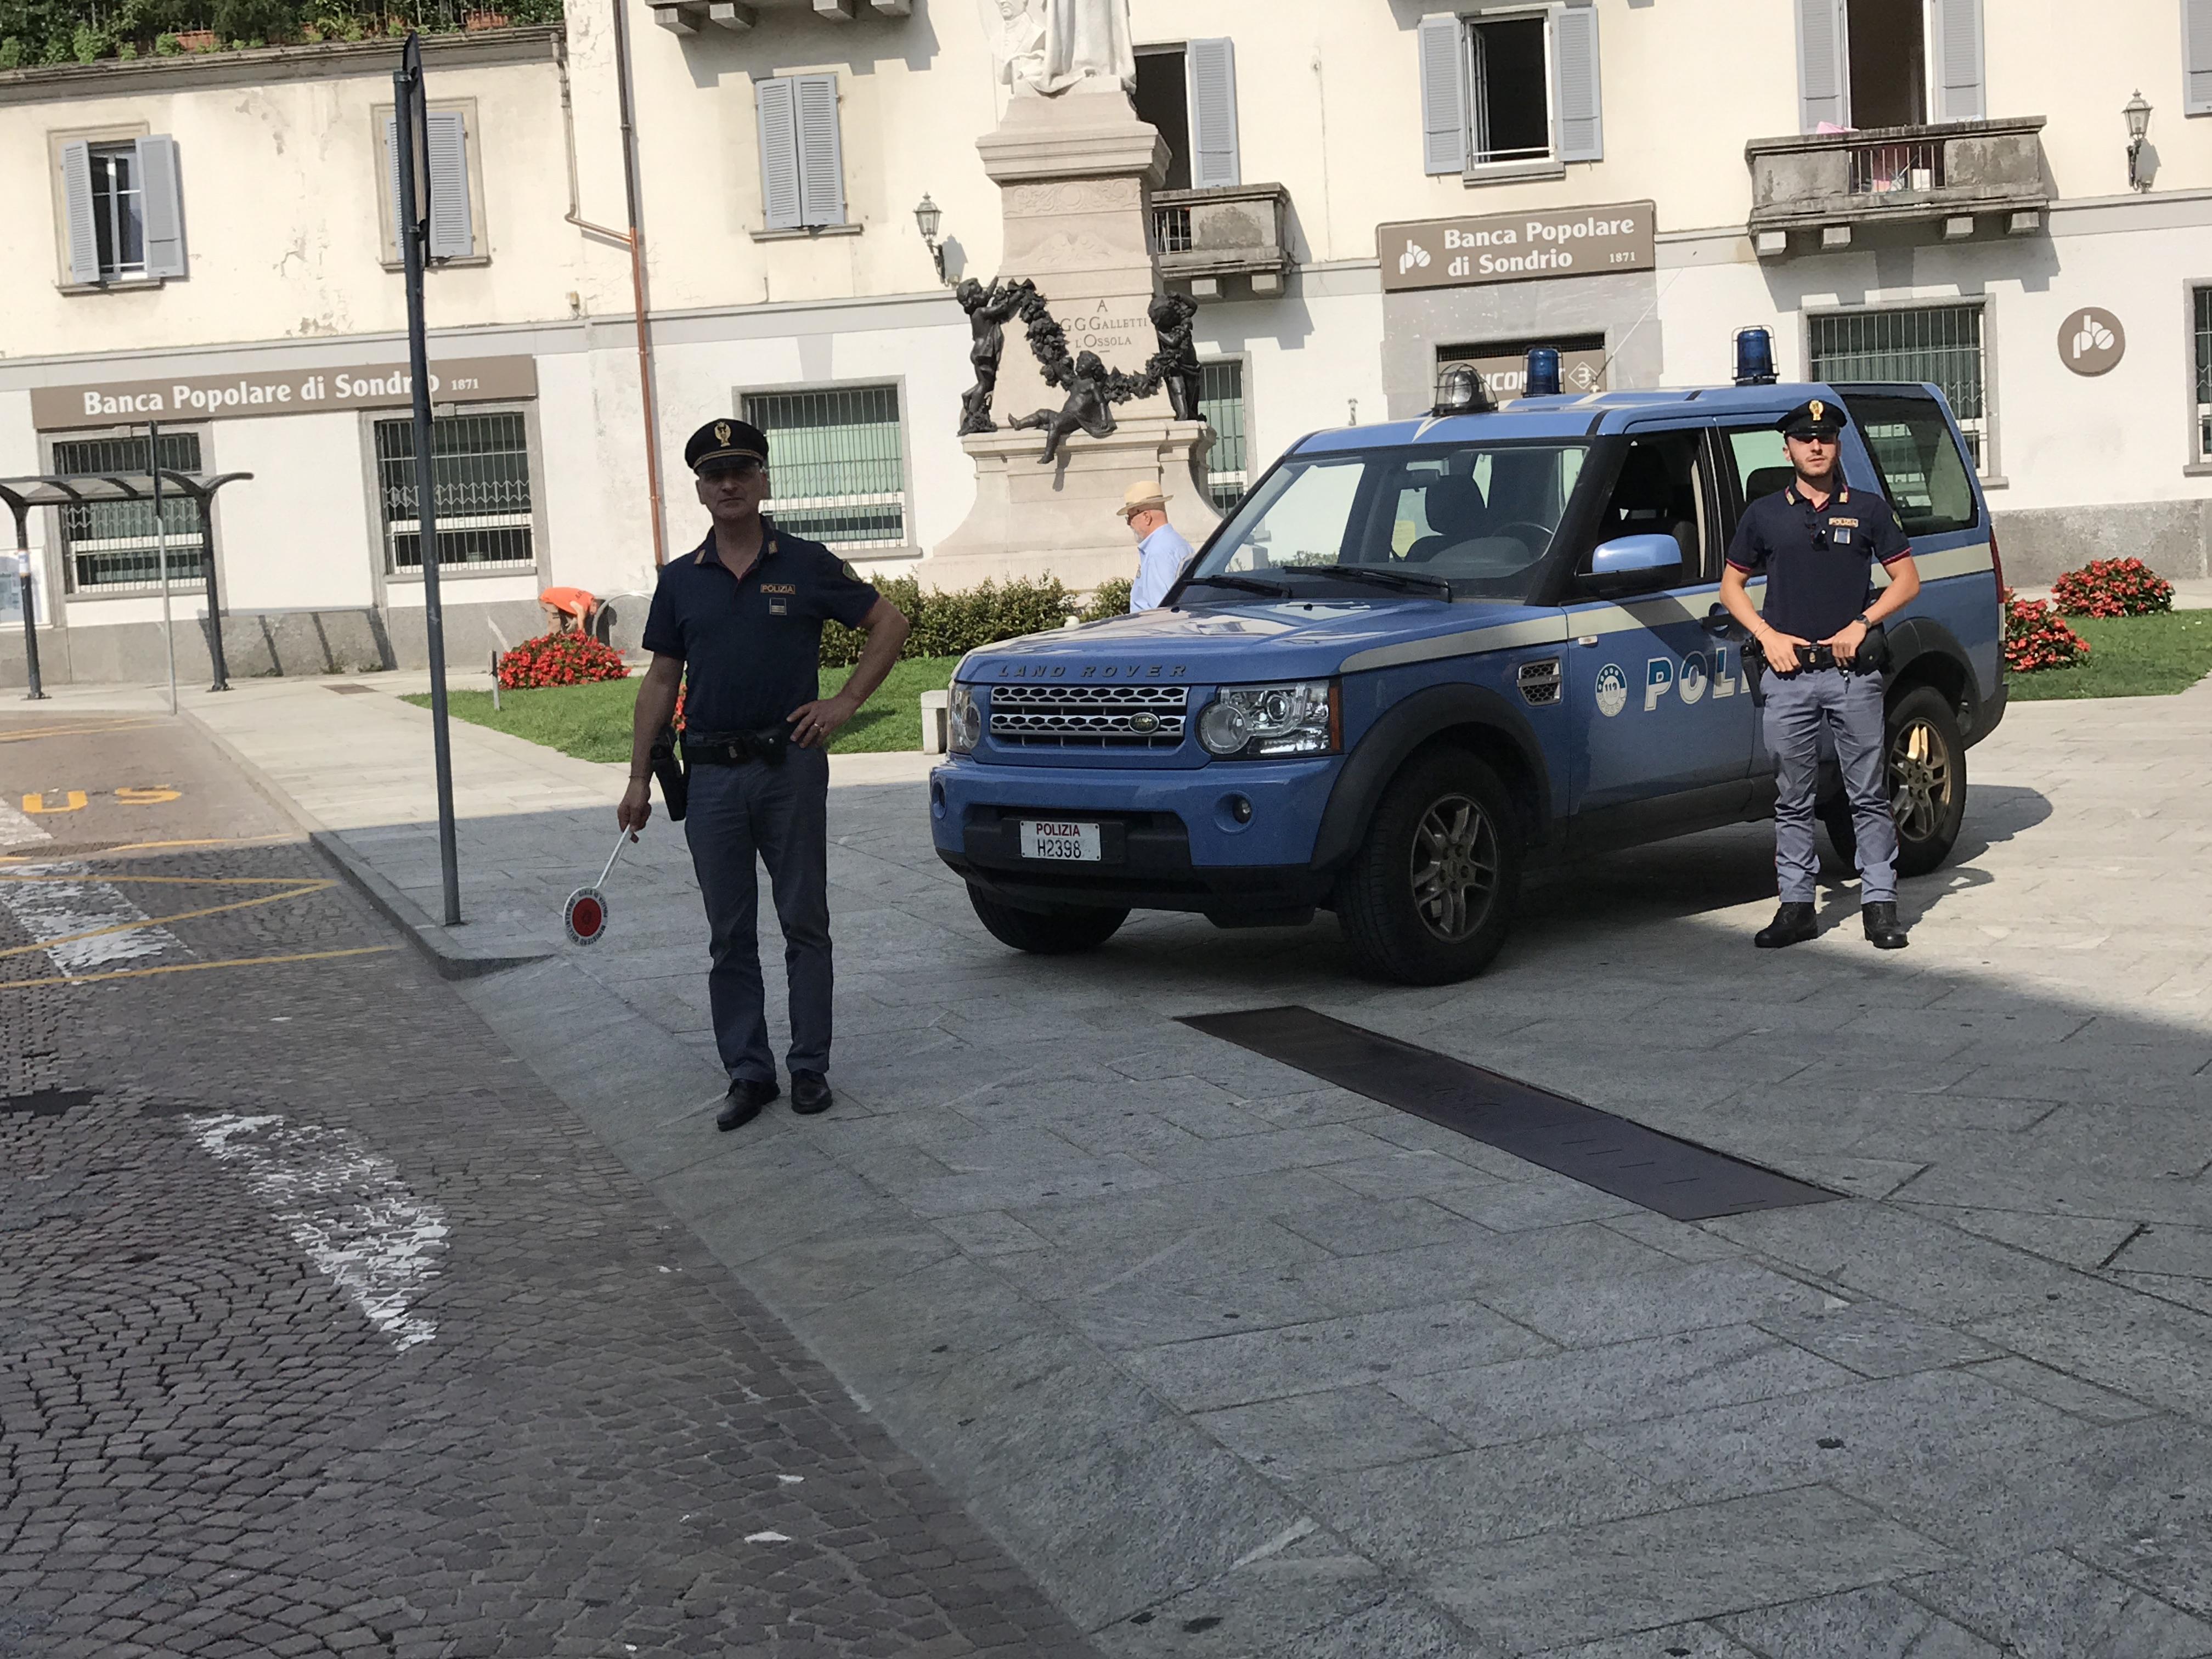 Polizia di stato questure sul web verbano cusio ossola for Polizia di stato soggiorno